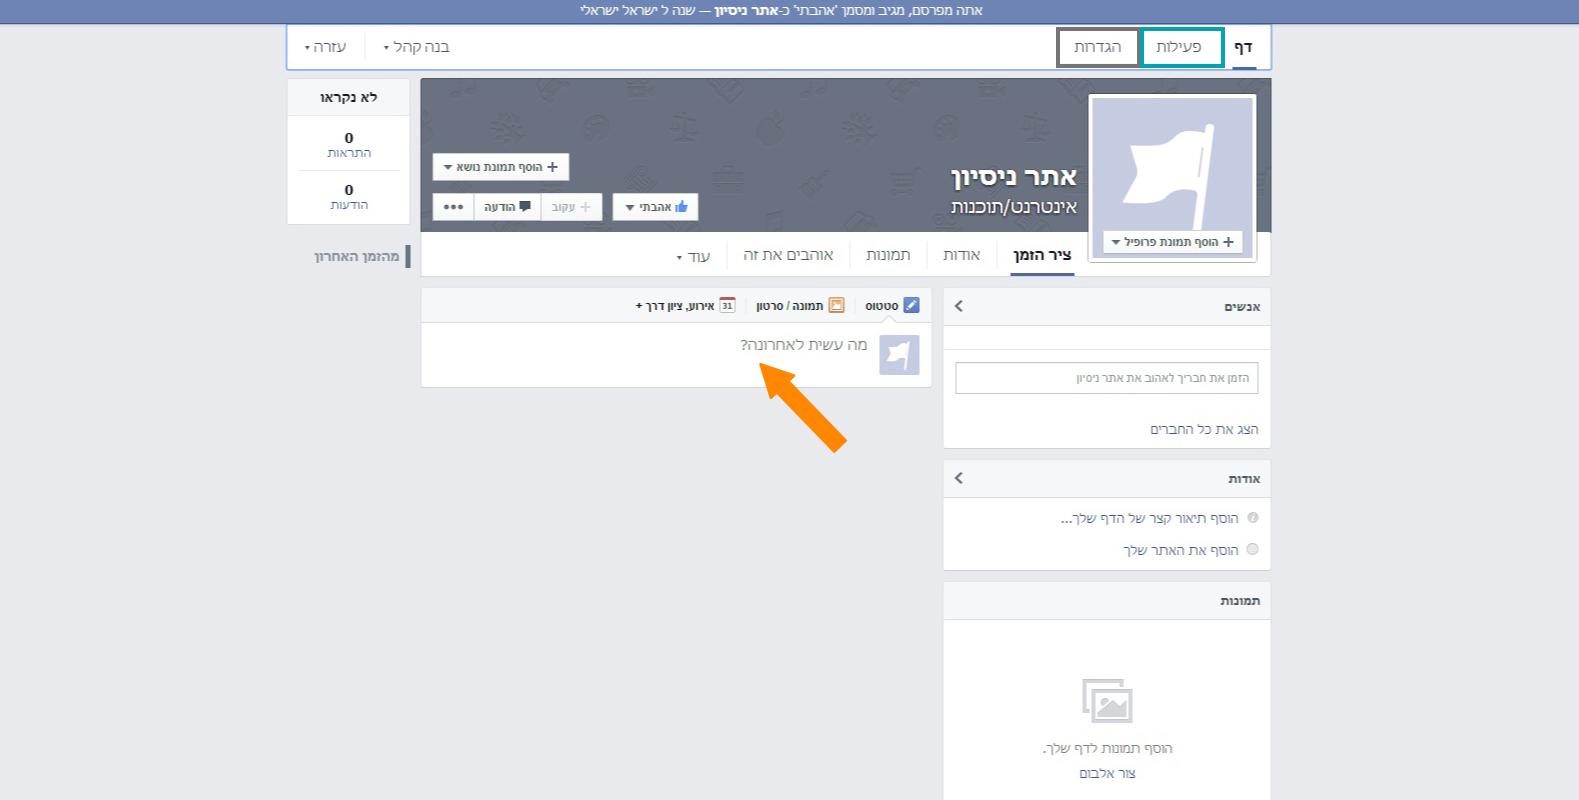 פייסבוק יצירת דף3א